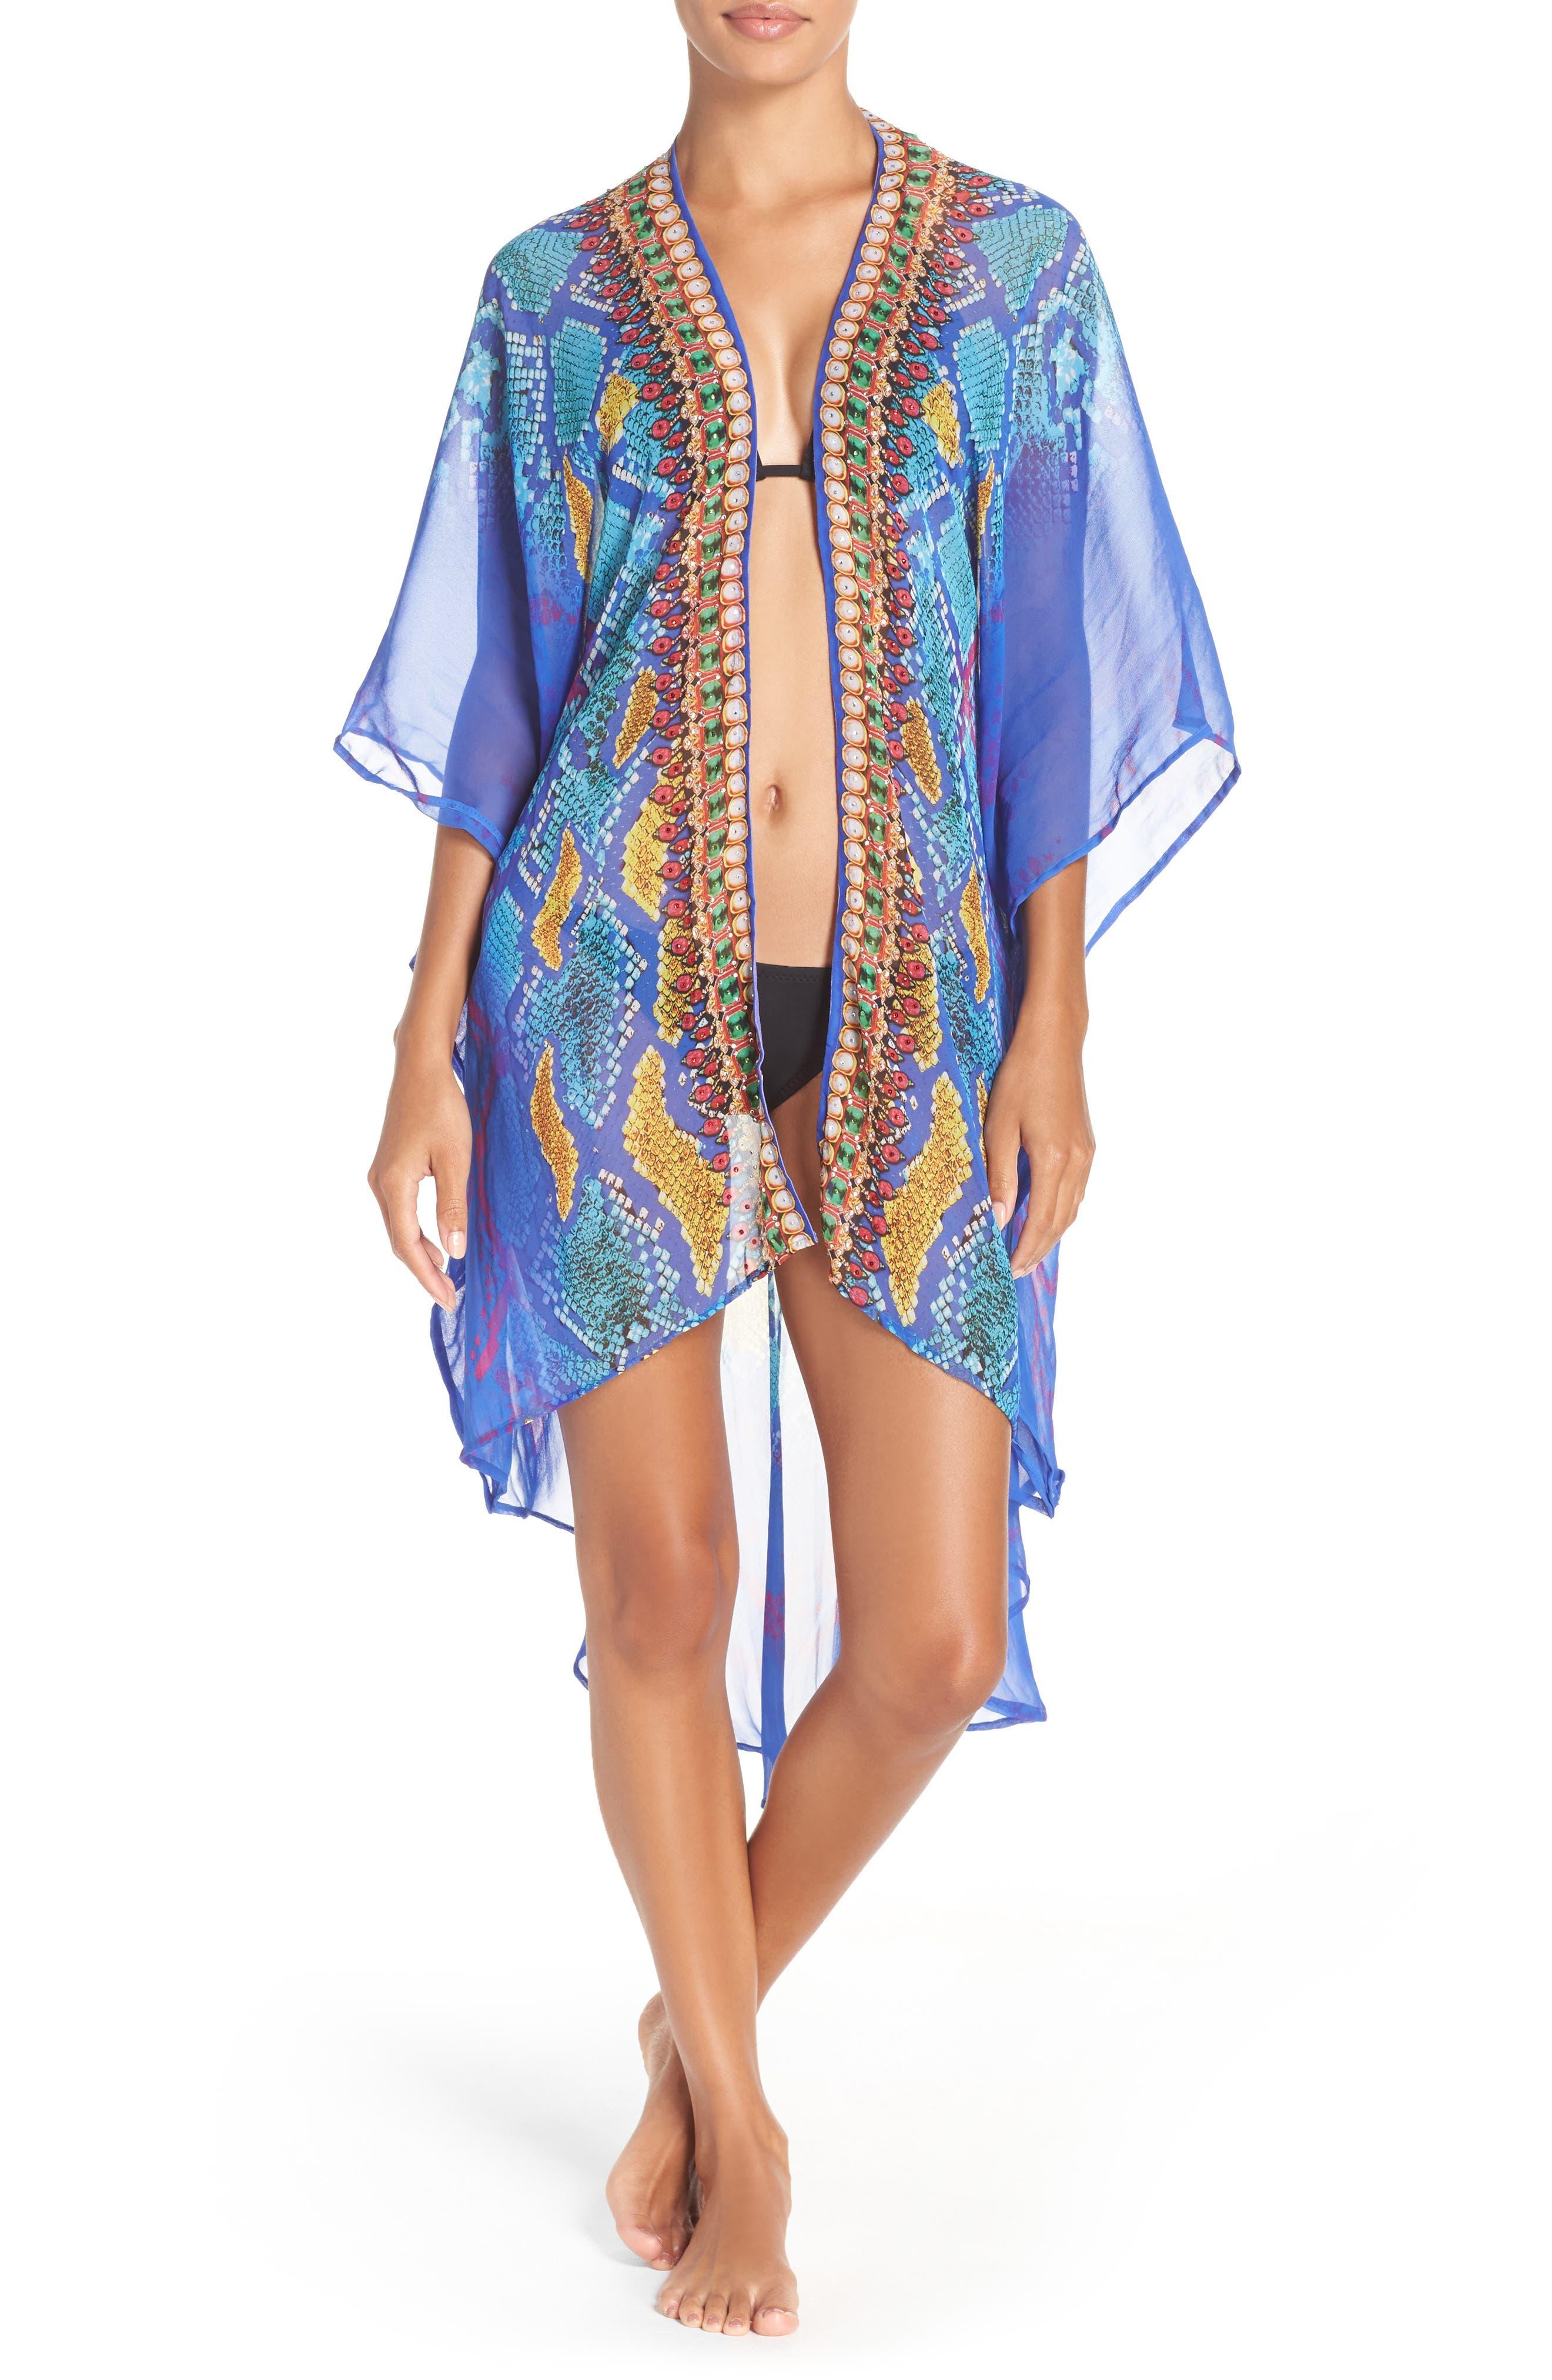 Alternate Image 1 Selected - Asa Kaftans 'Bahamas' Kimono